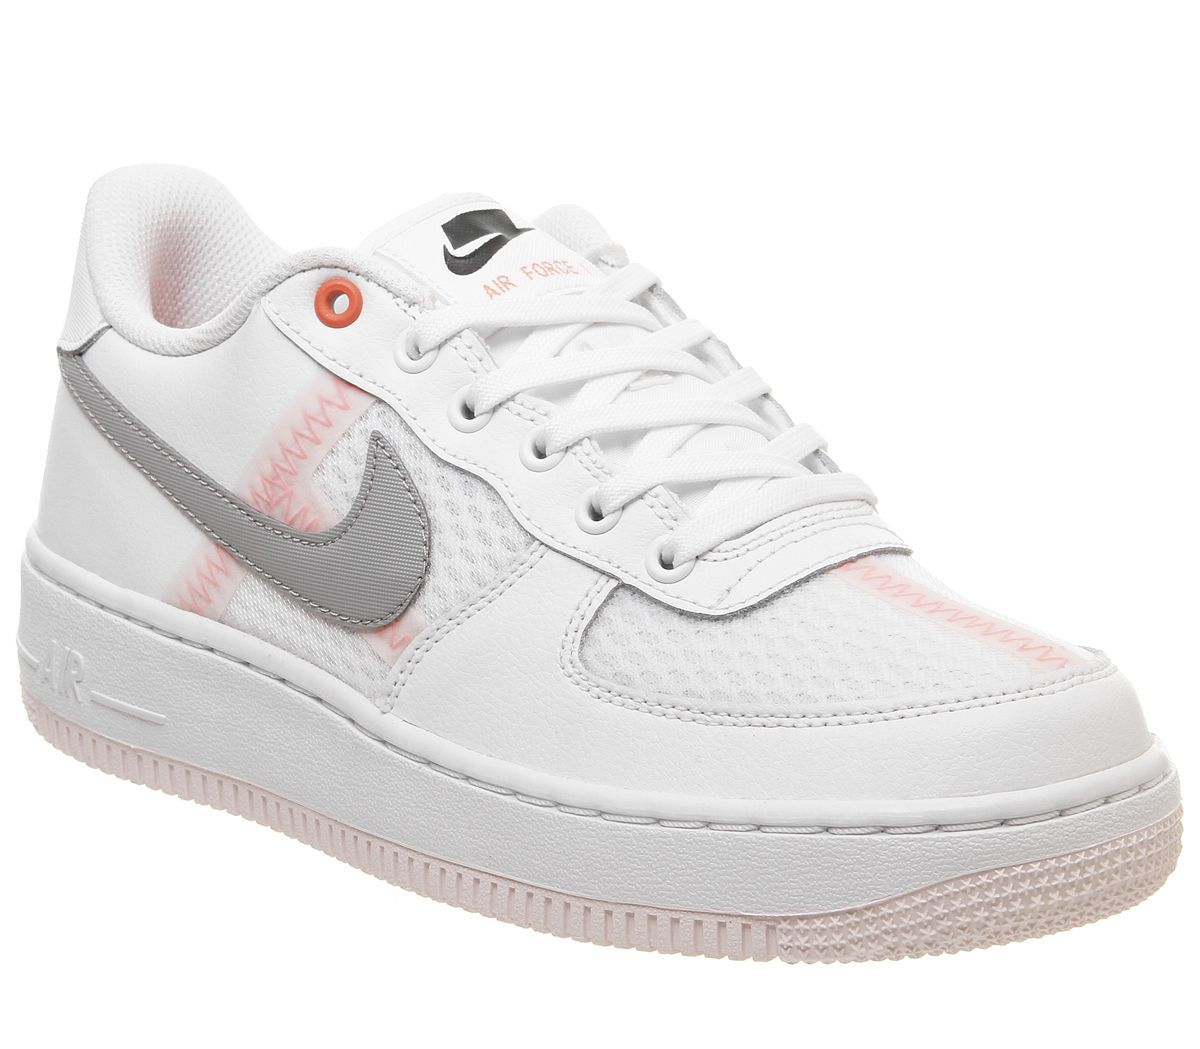 折合494.91元 Nike 耐克 Air Force 1 空军1号 白灰色运动鞋